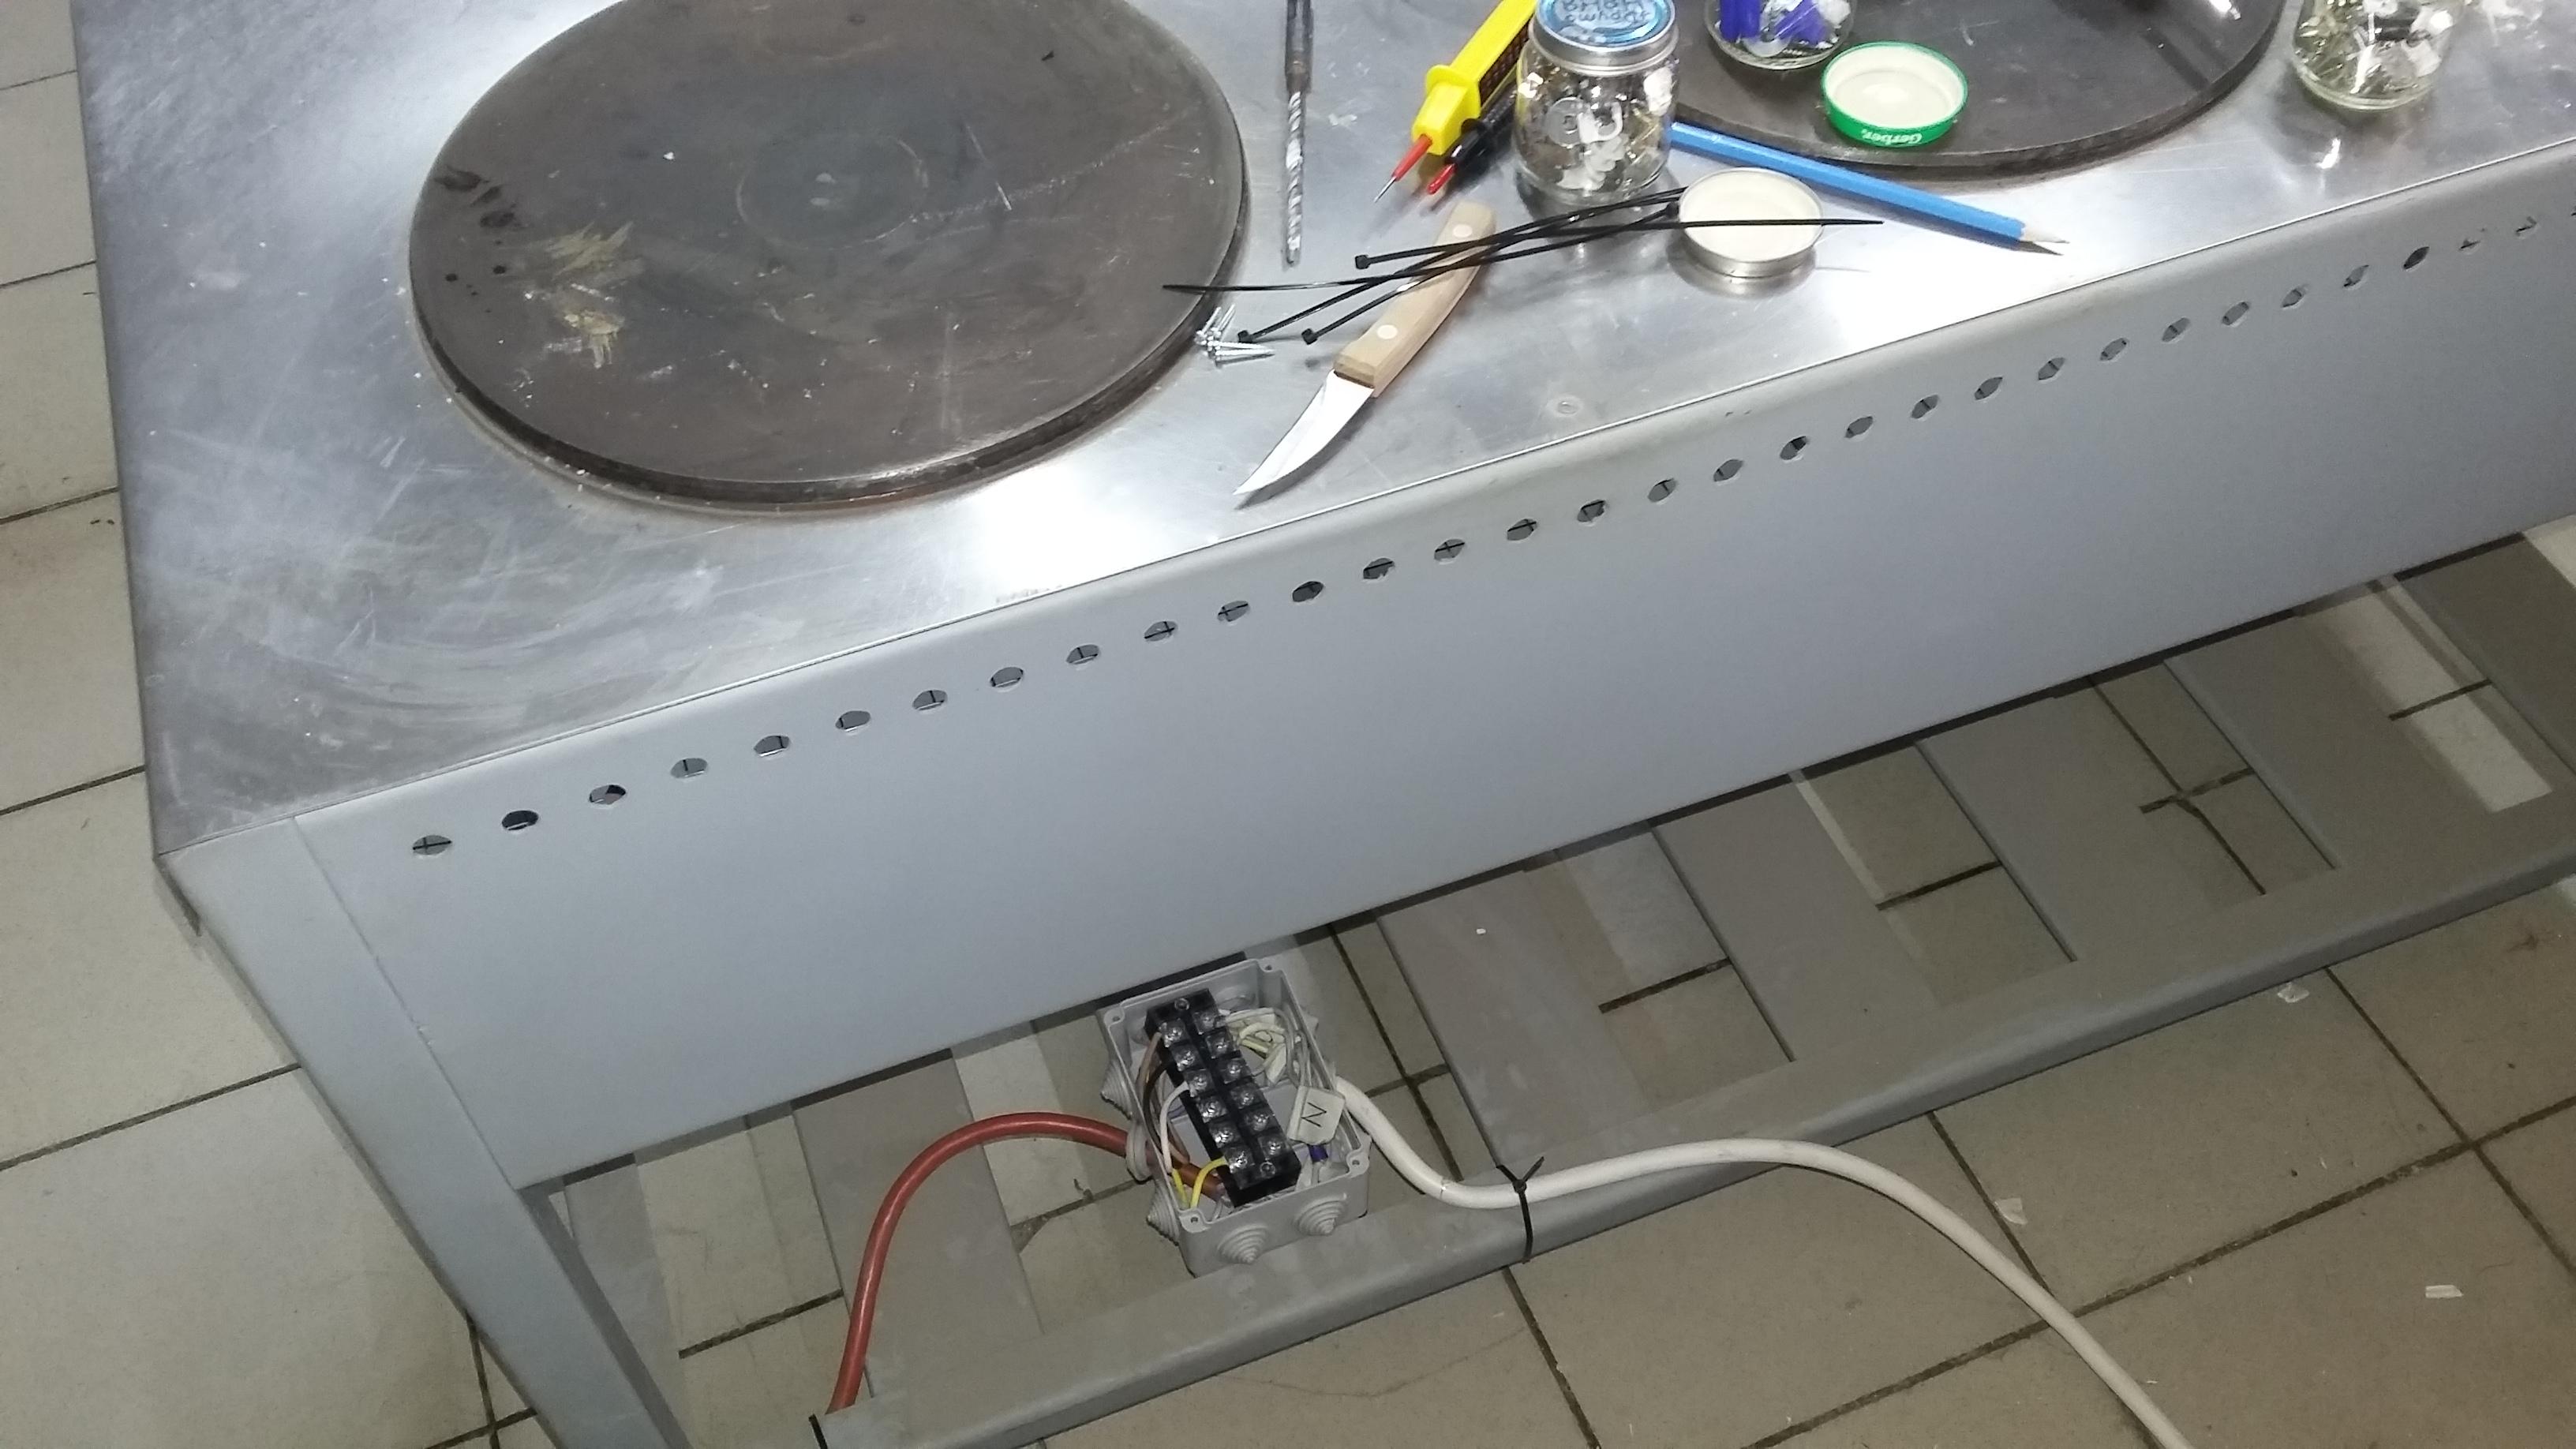 Фото Подключение жарочной панели (промышленной). Расчёт сечения кабеля и вводного автомата. Установка (замена) вводного автомата.